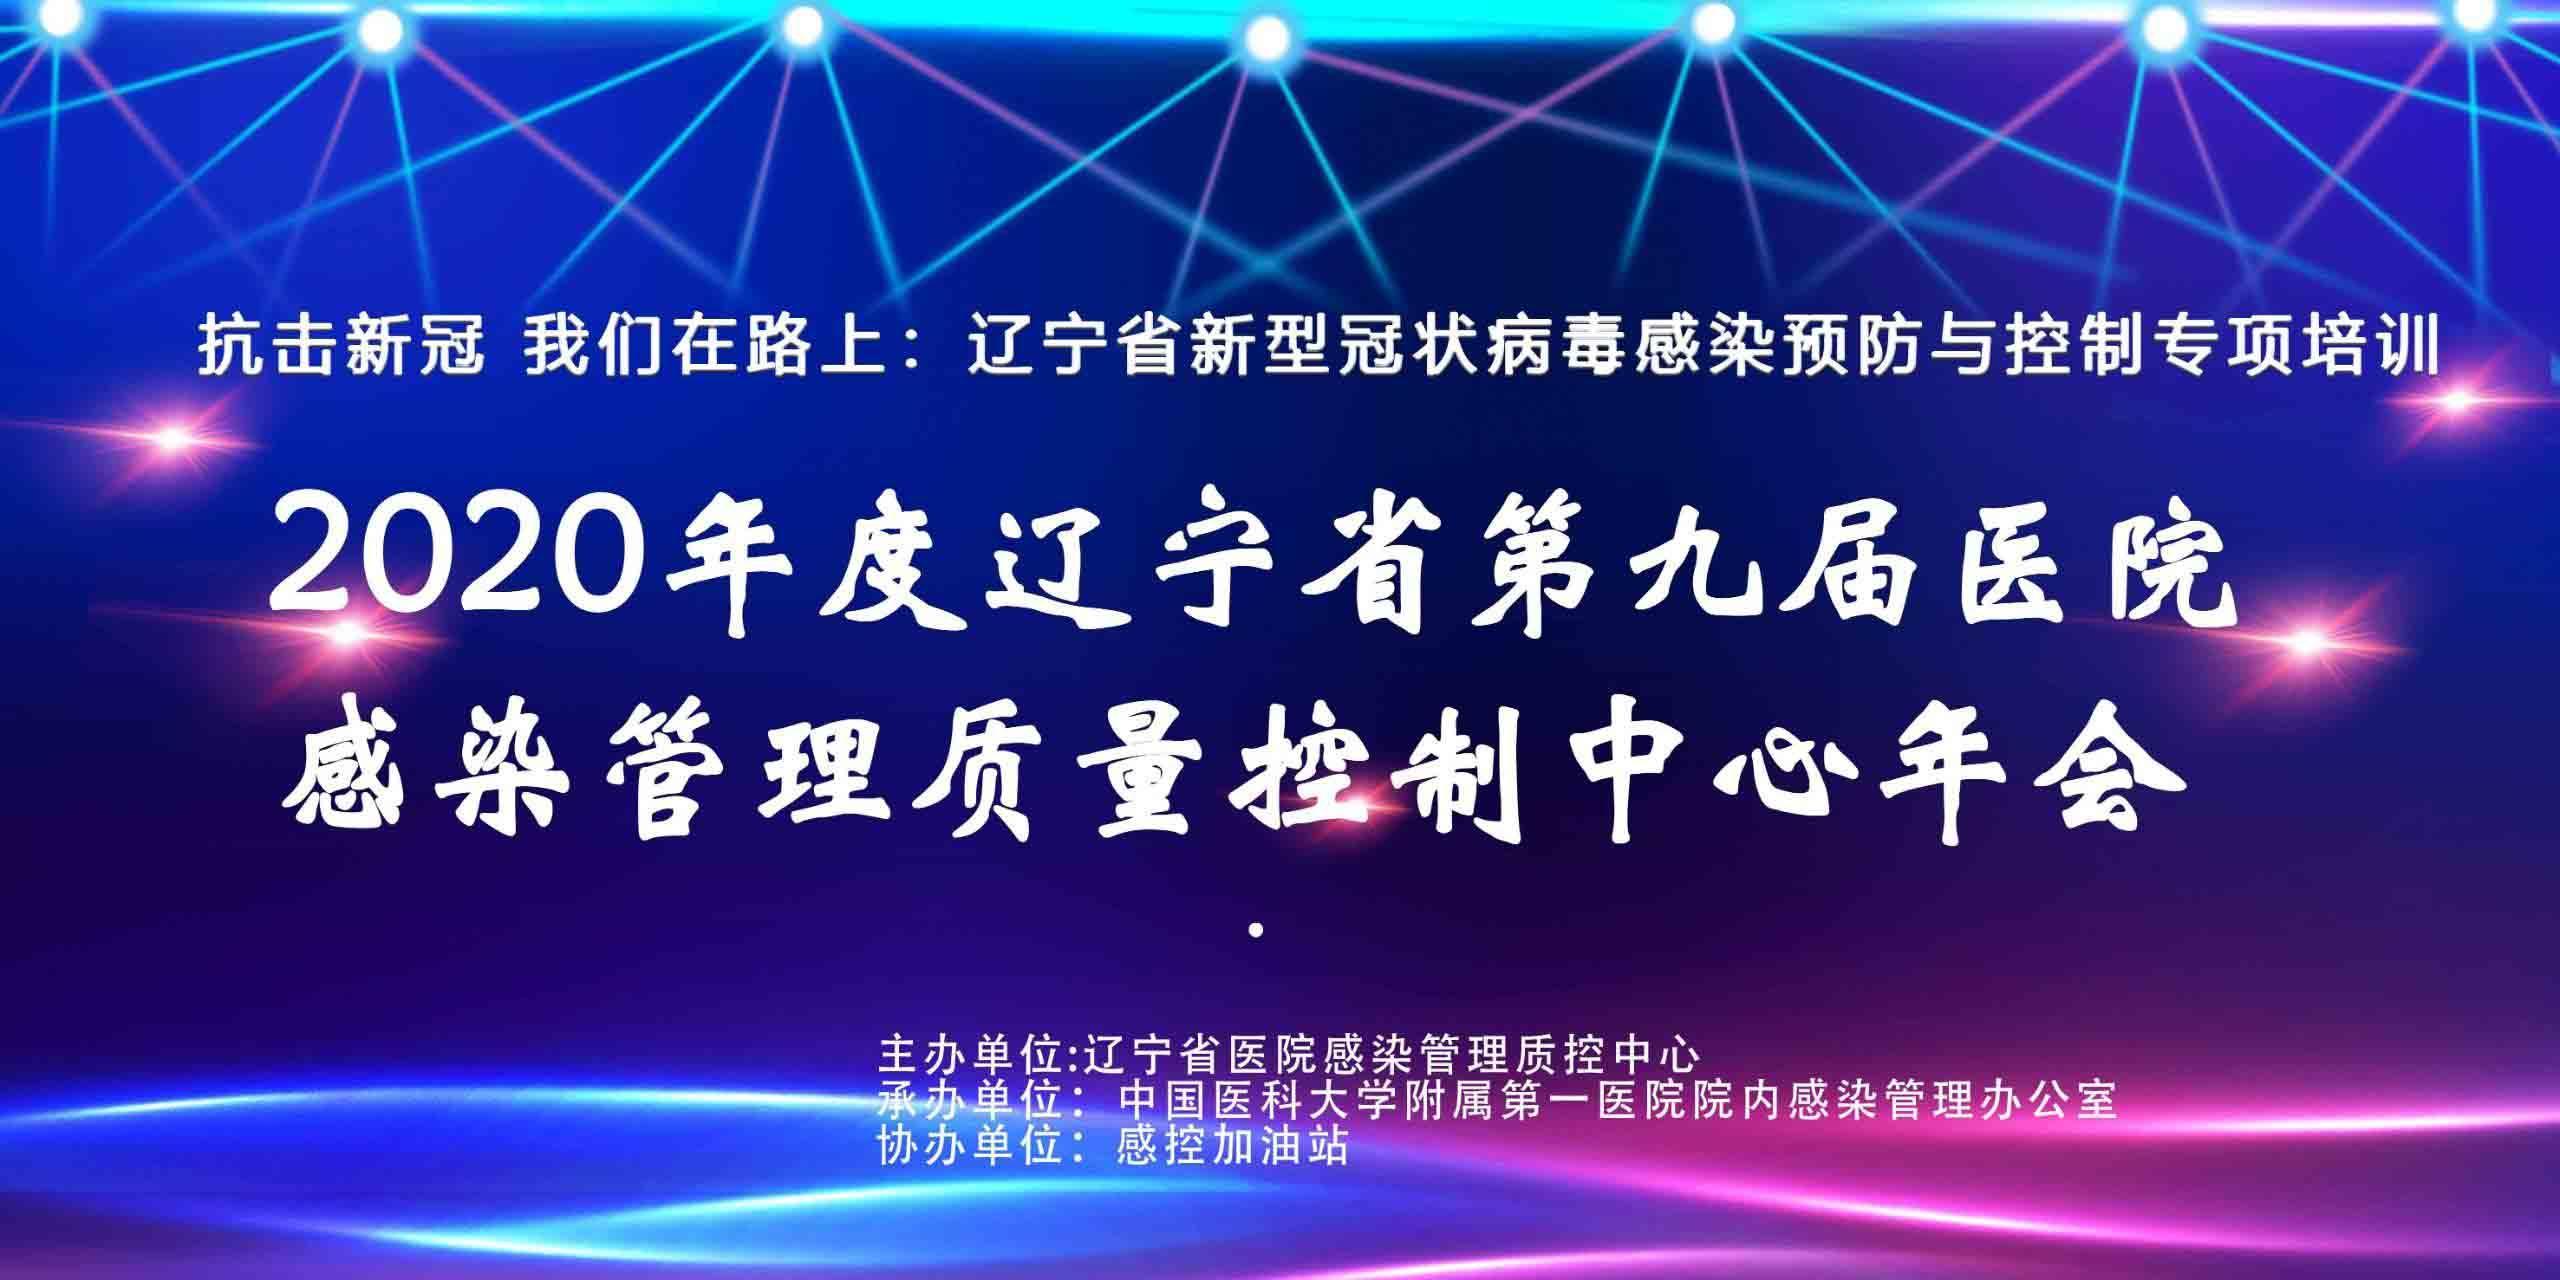 点播:2020年度辽宁省第九届医院感染管理质量控制中心年会